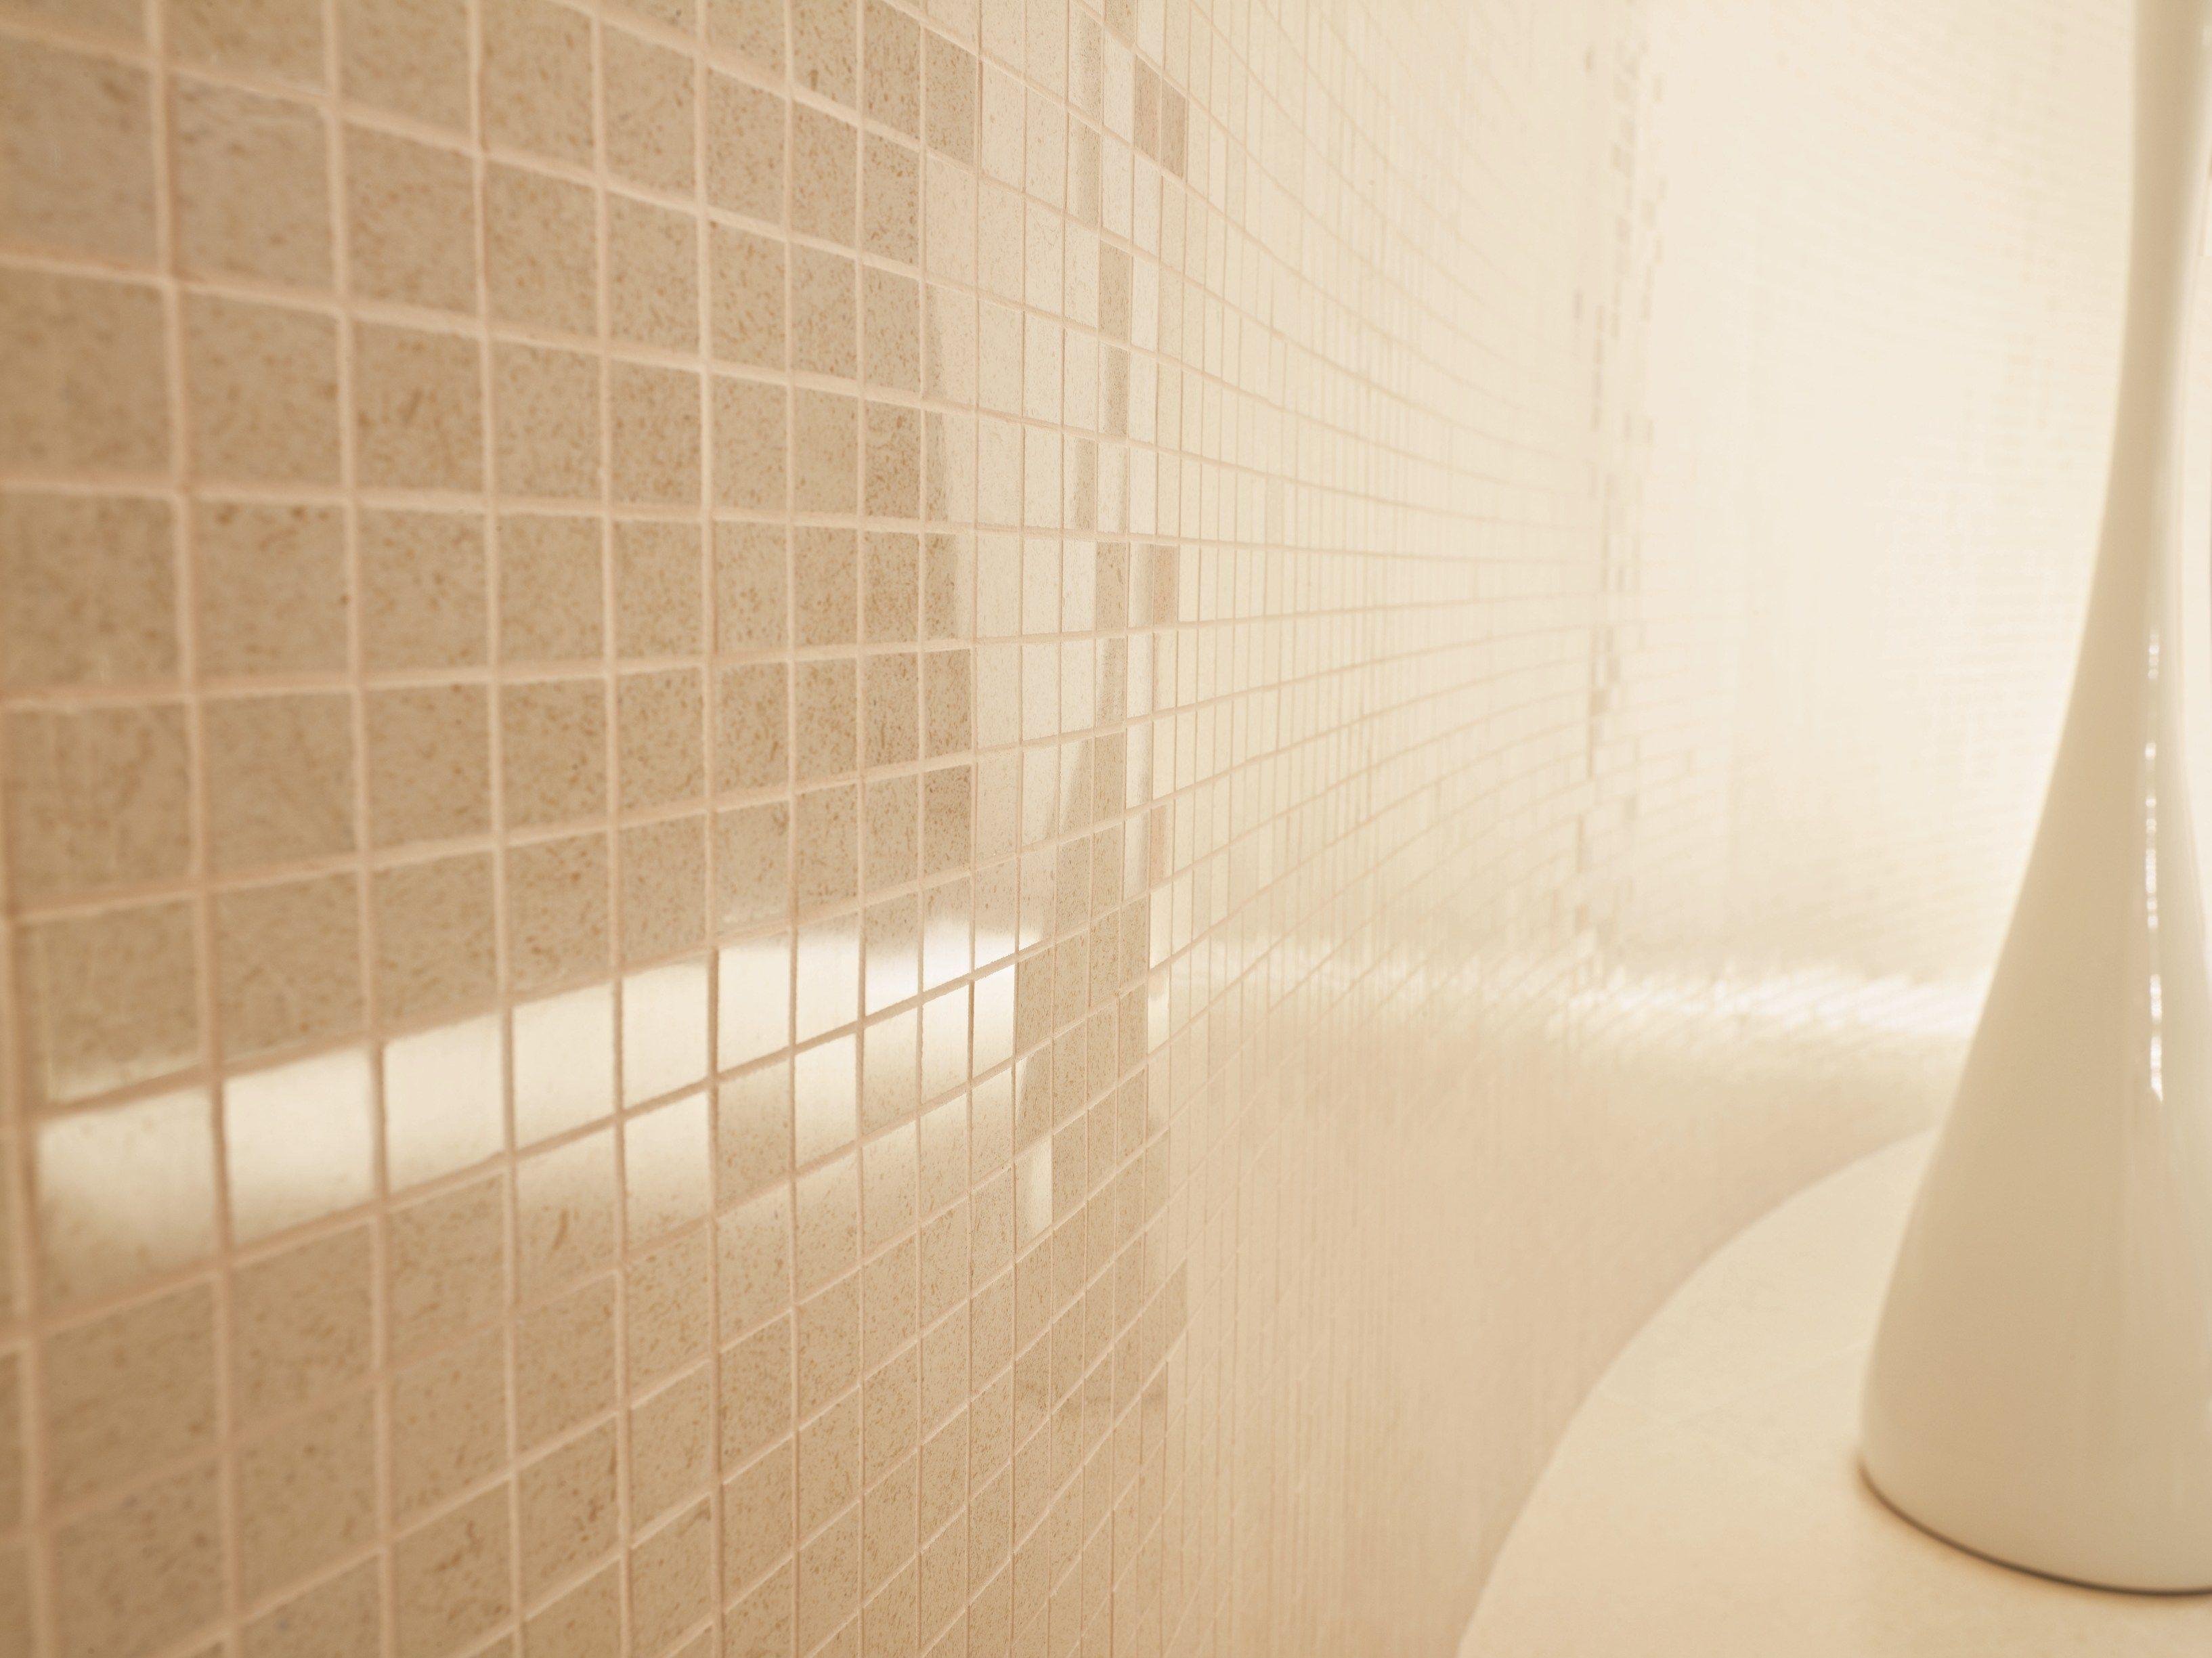 mosaico in gres porcellanato smaltato plaza collezione. Black Bedroom Furniture Sets. Home Design Ideas